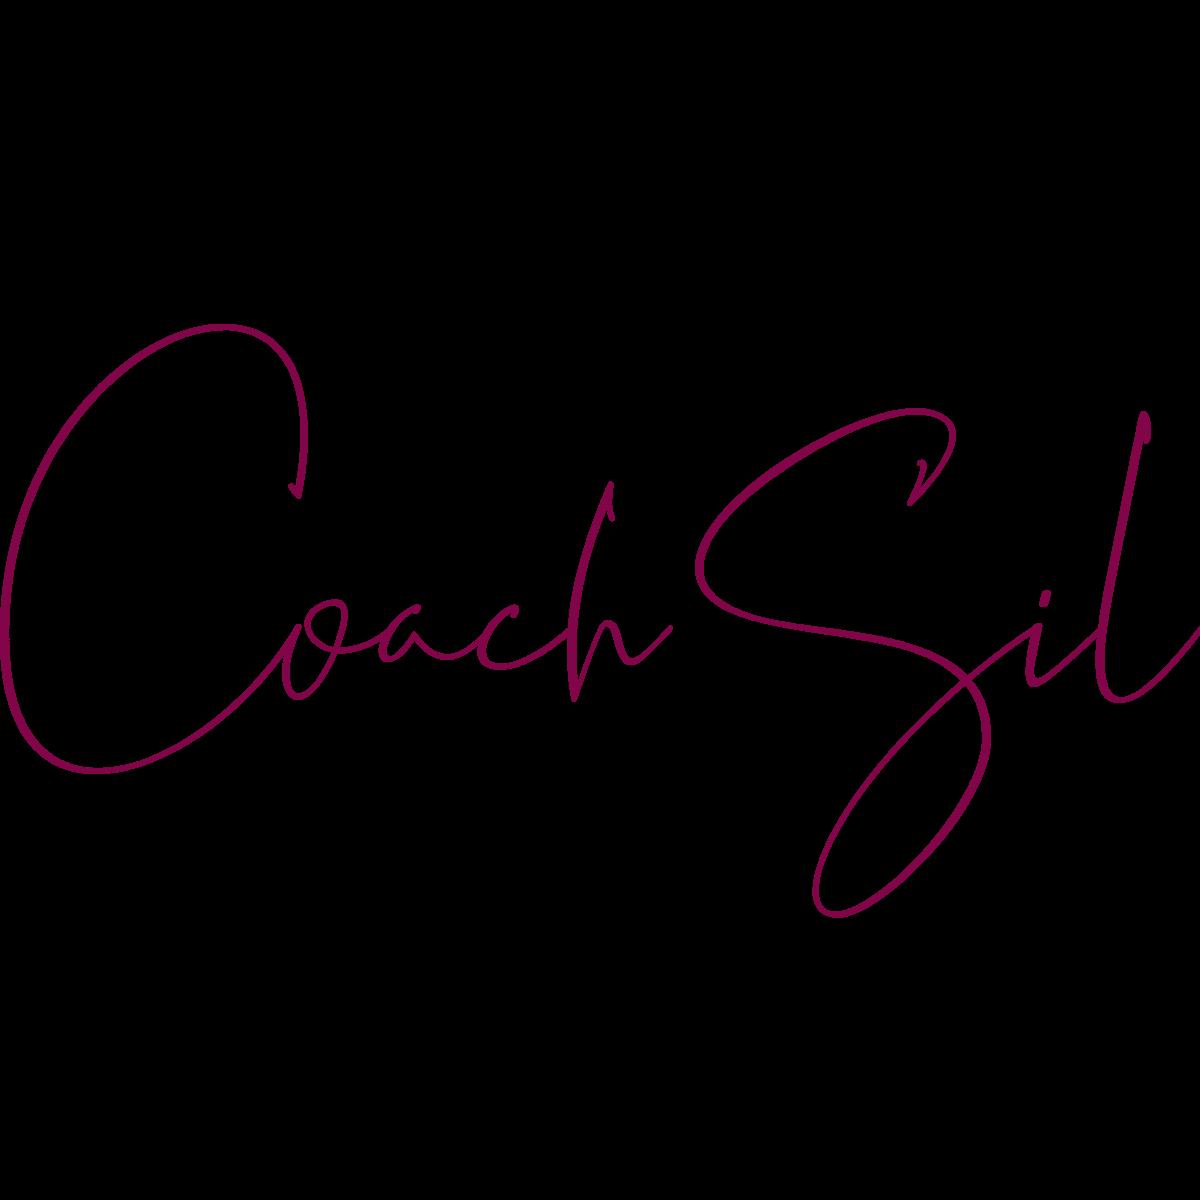 coach-sil